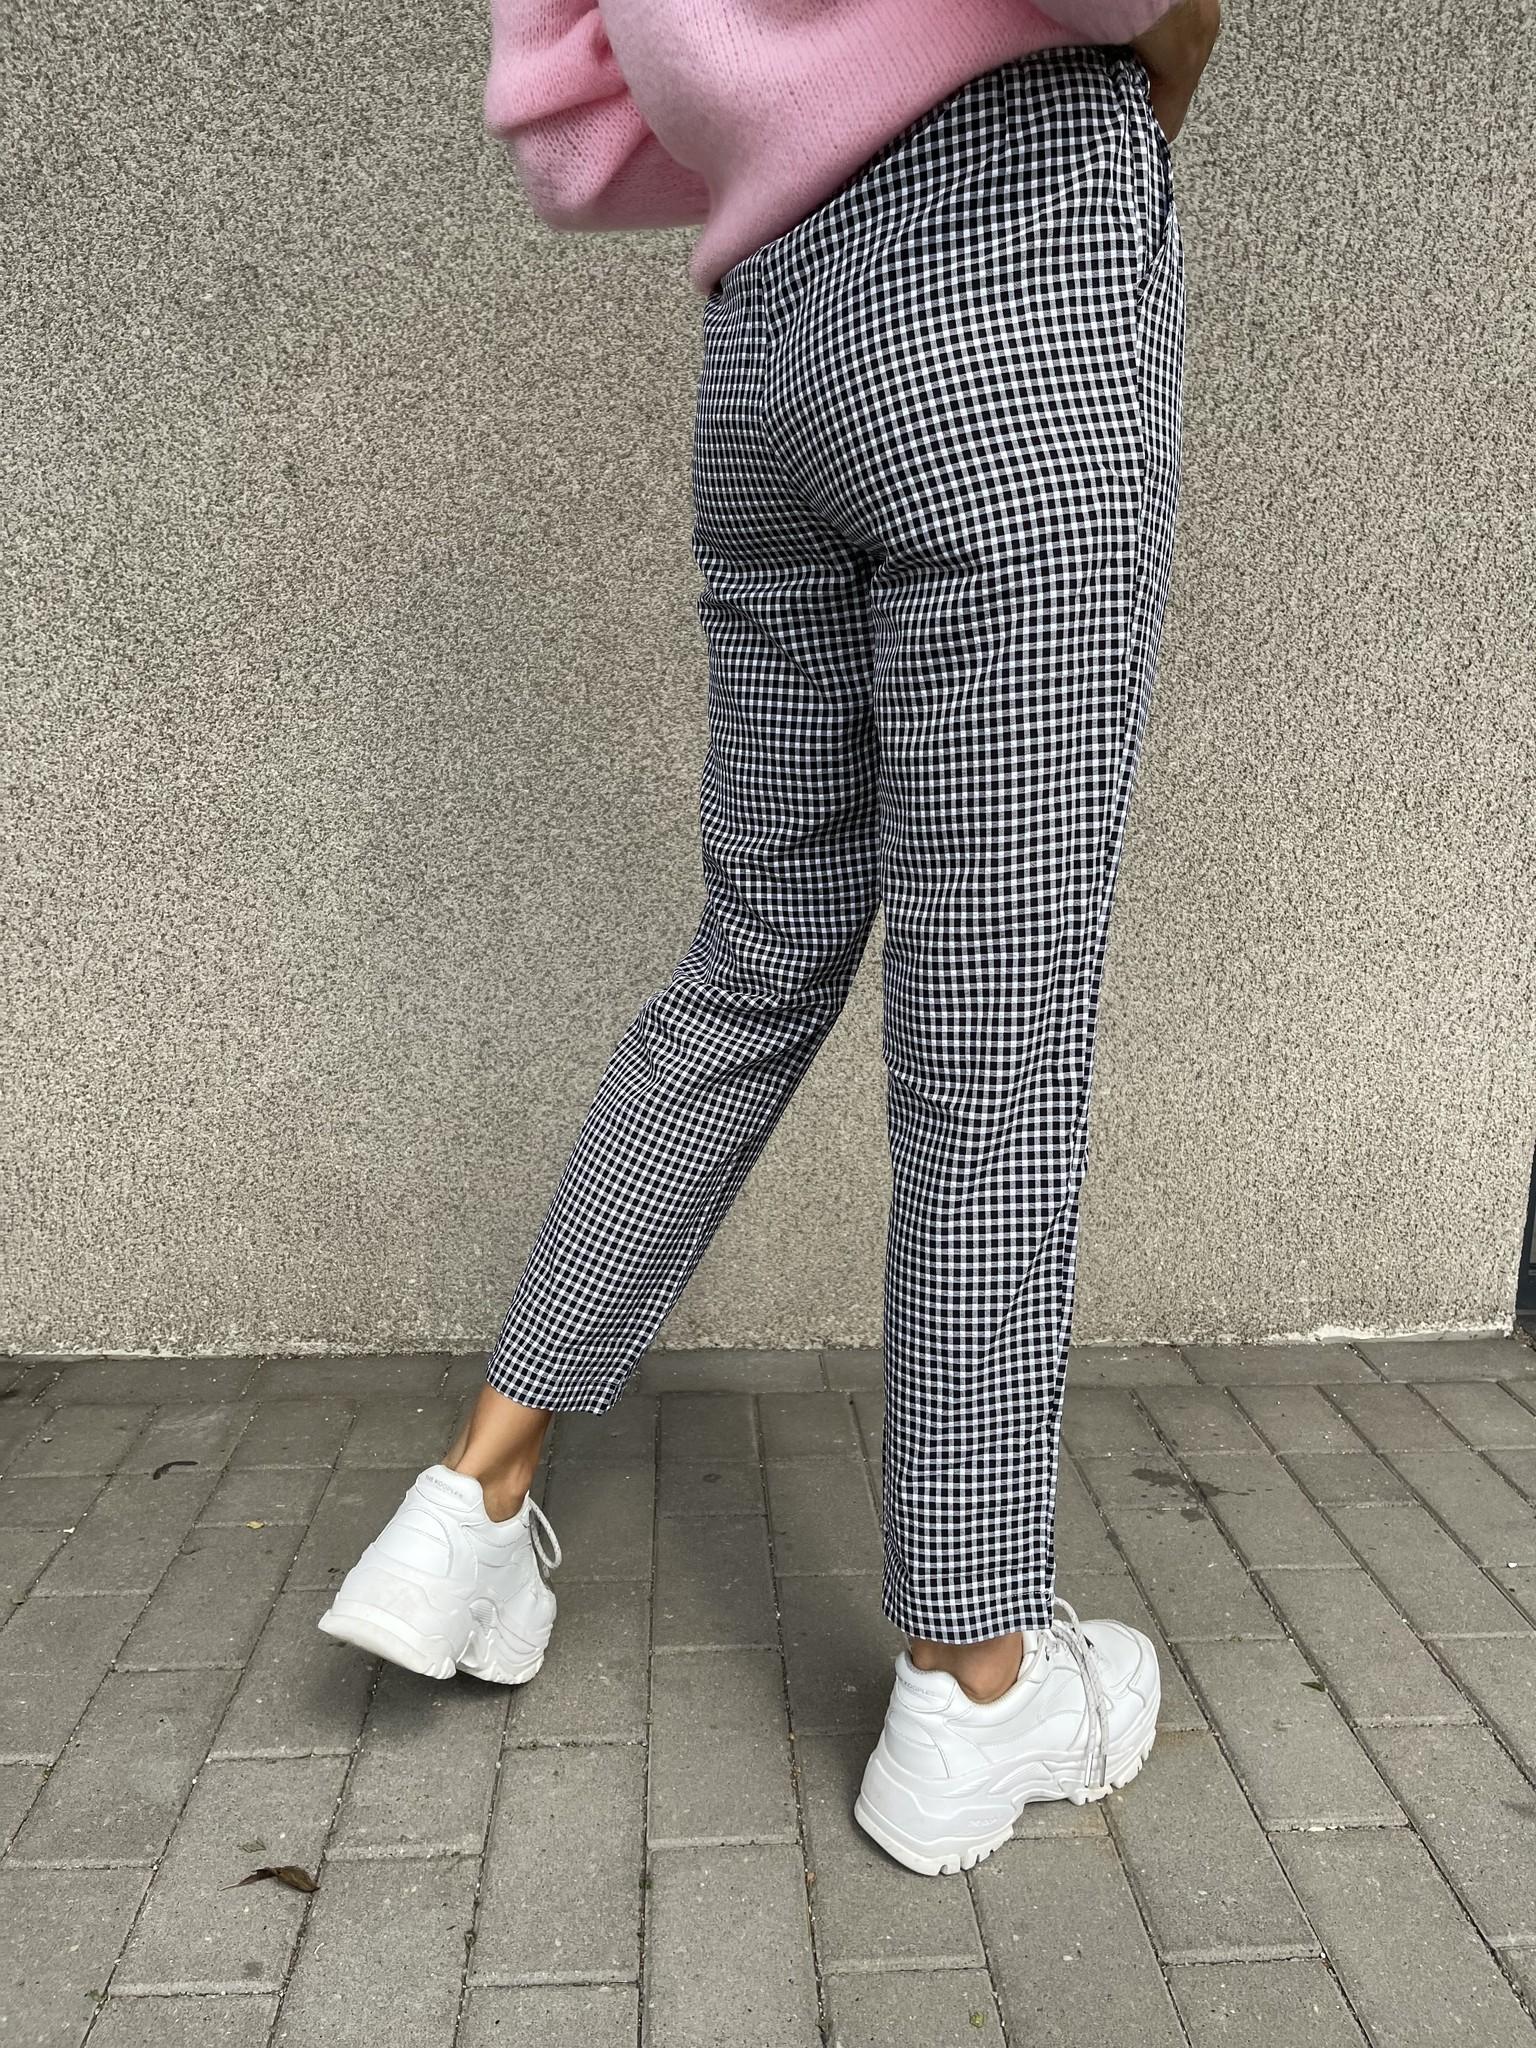 JOHN pantalon-7